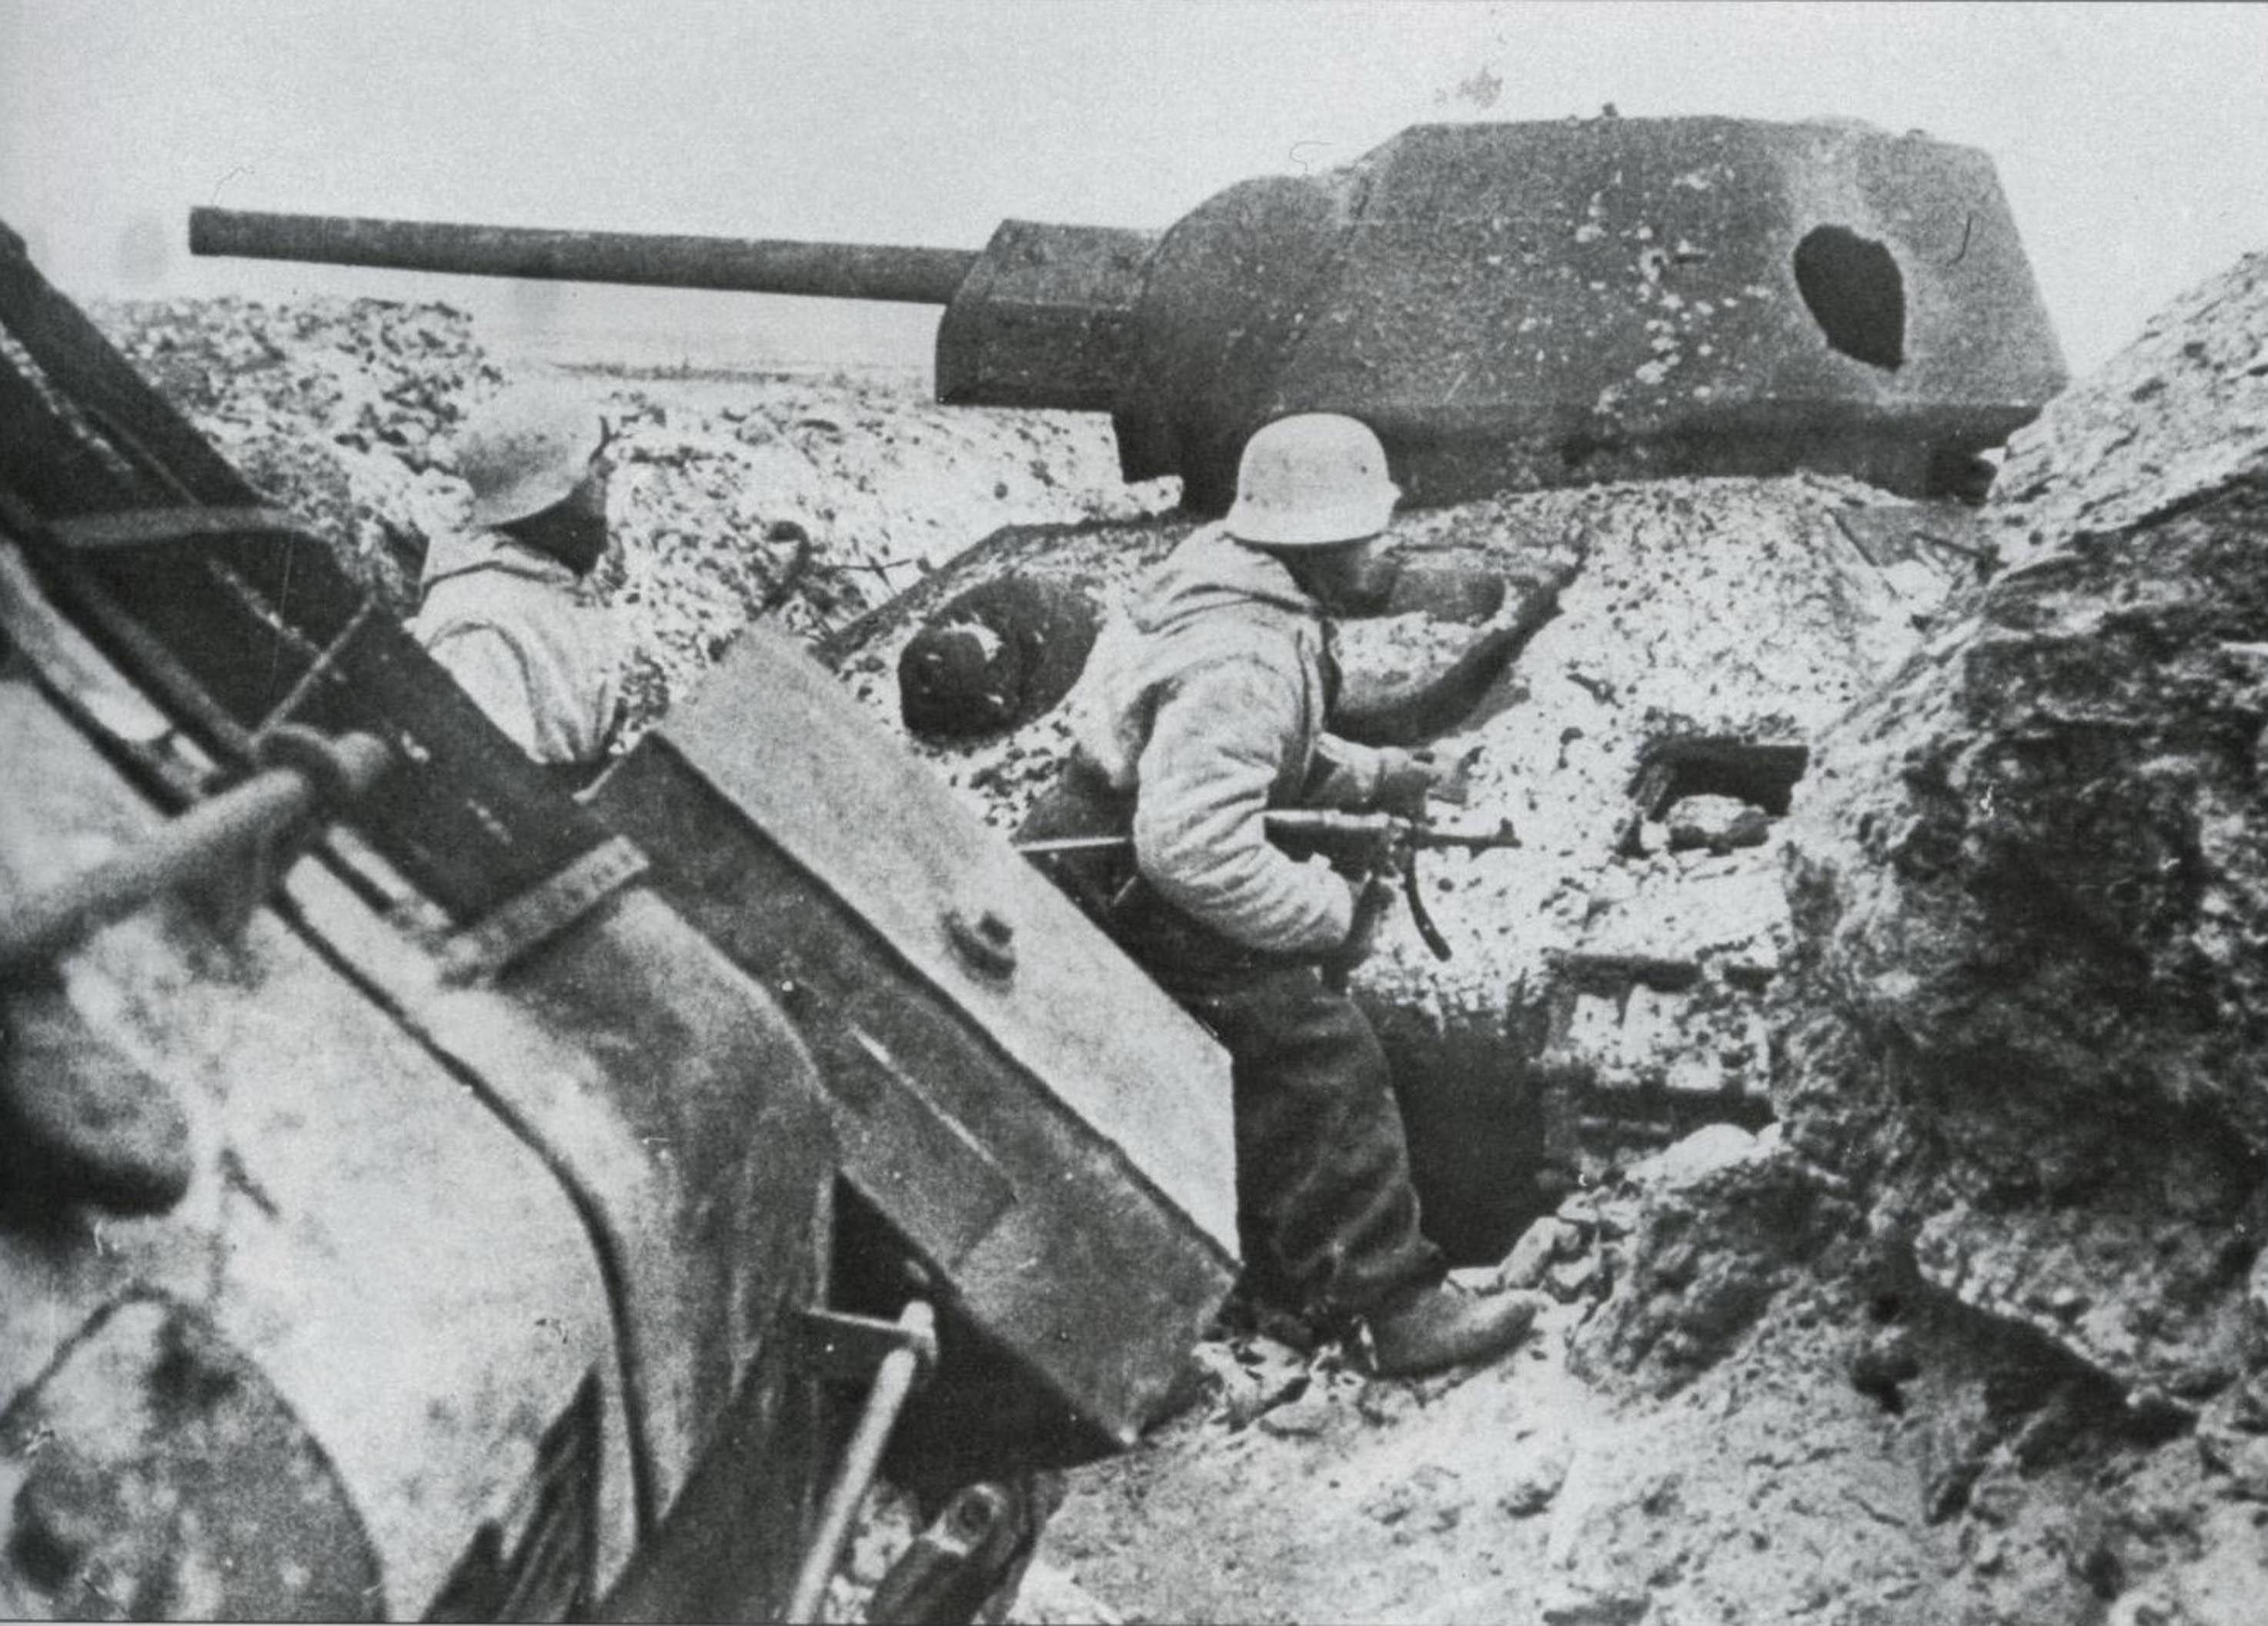 Narva 1944 - T34 76 Tanks Ww2 Wwii World War Ii